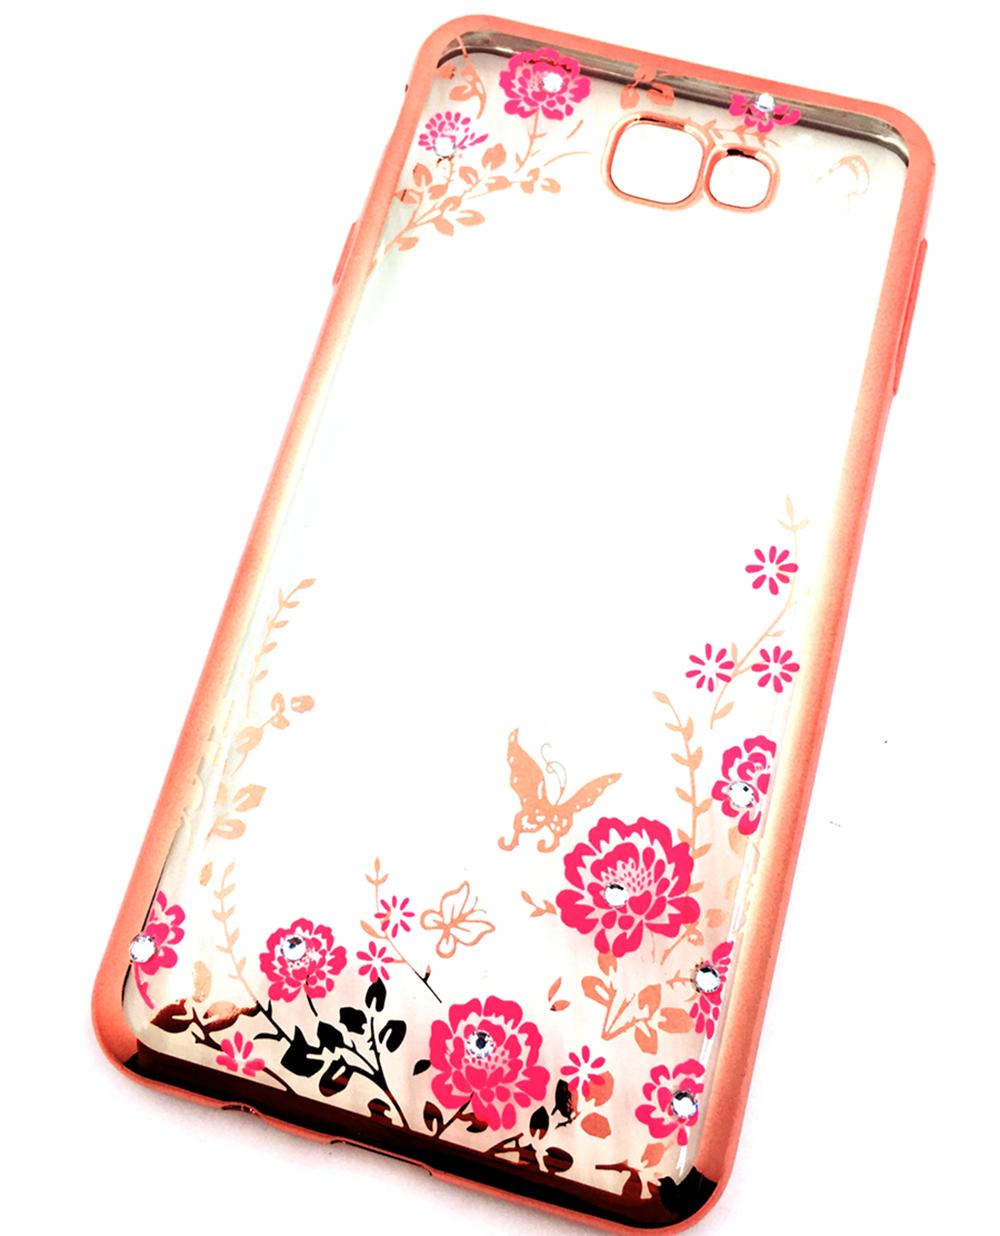 Чехол для сотового телефона Мобильная мода Samsung J7 prime Силиконовая прозрачная накладка со стразами чехол для сотового телефона мобильная мода samsung grand prime g530 j2 prime накладка силиконовая jelly case